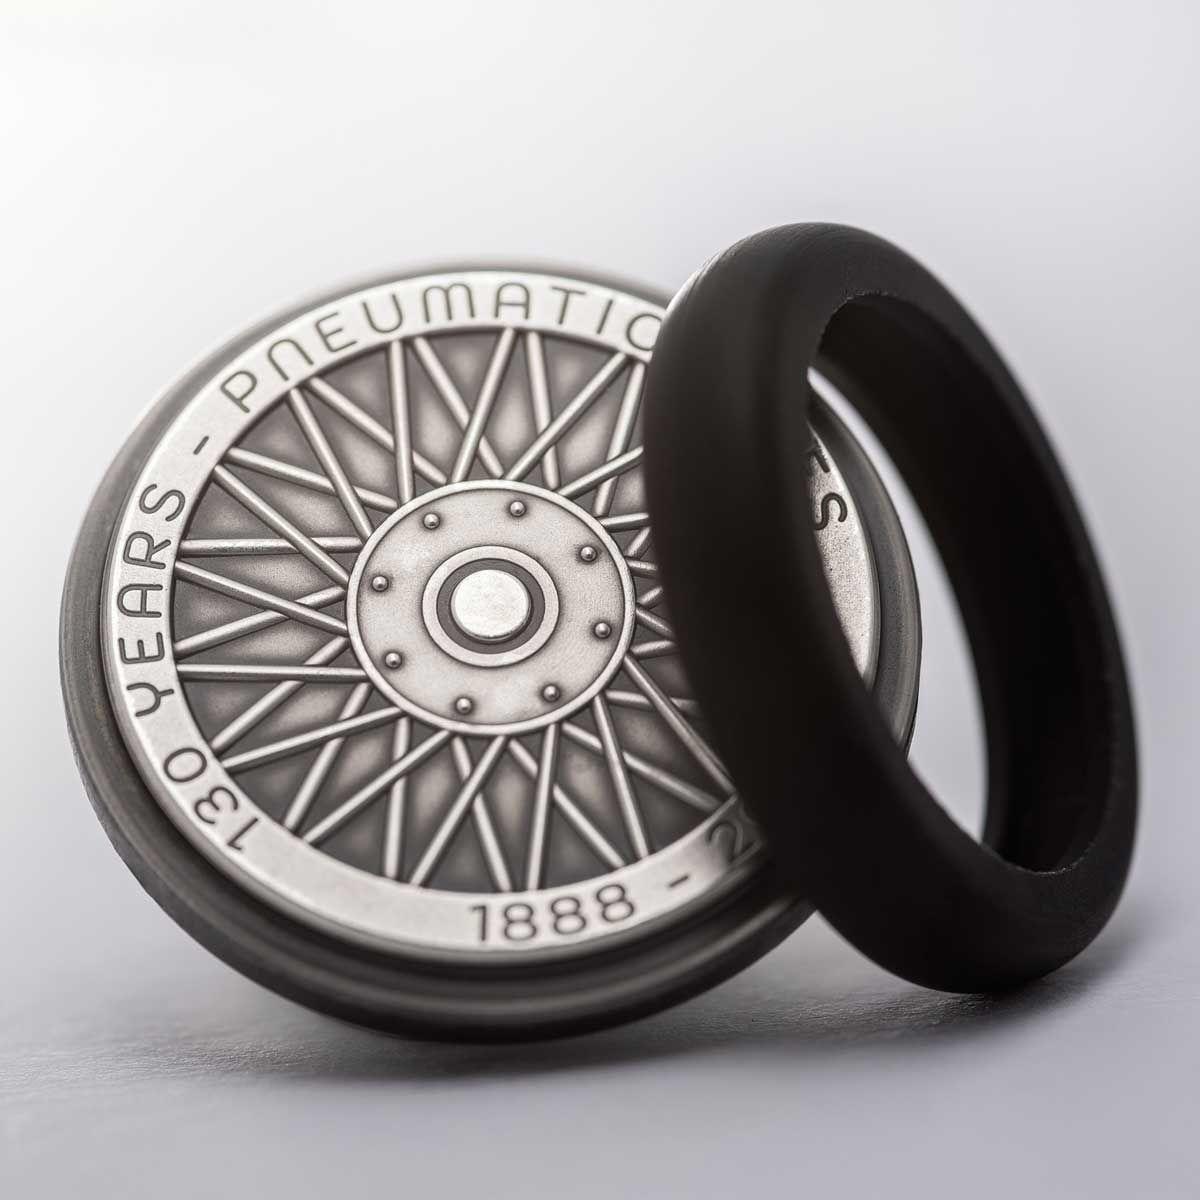 Французи випустили колекційну монету у формі колеса зі справжньою гумовою шиною